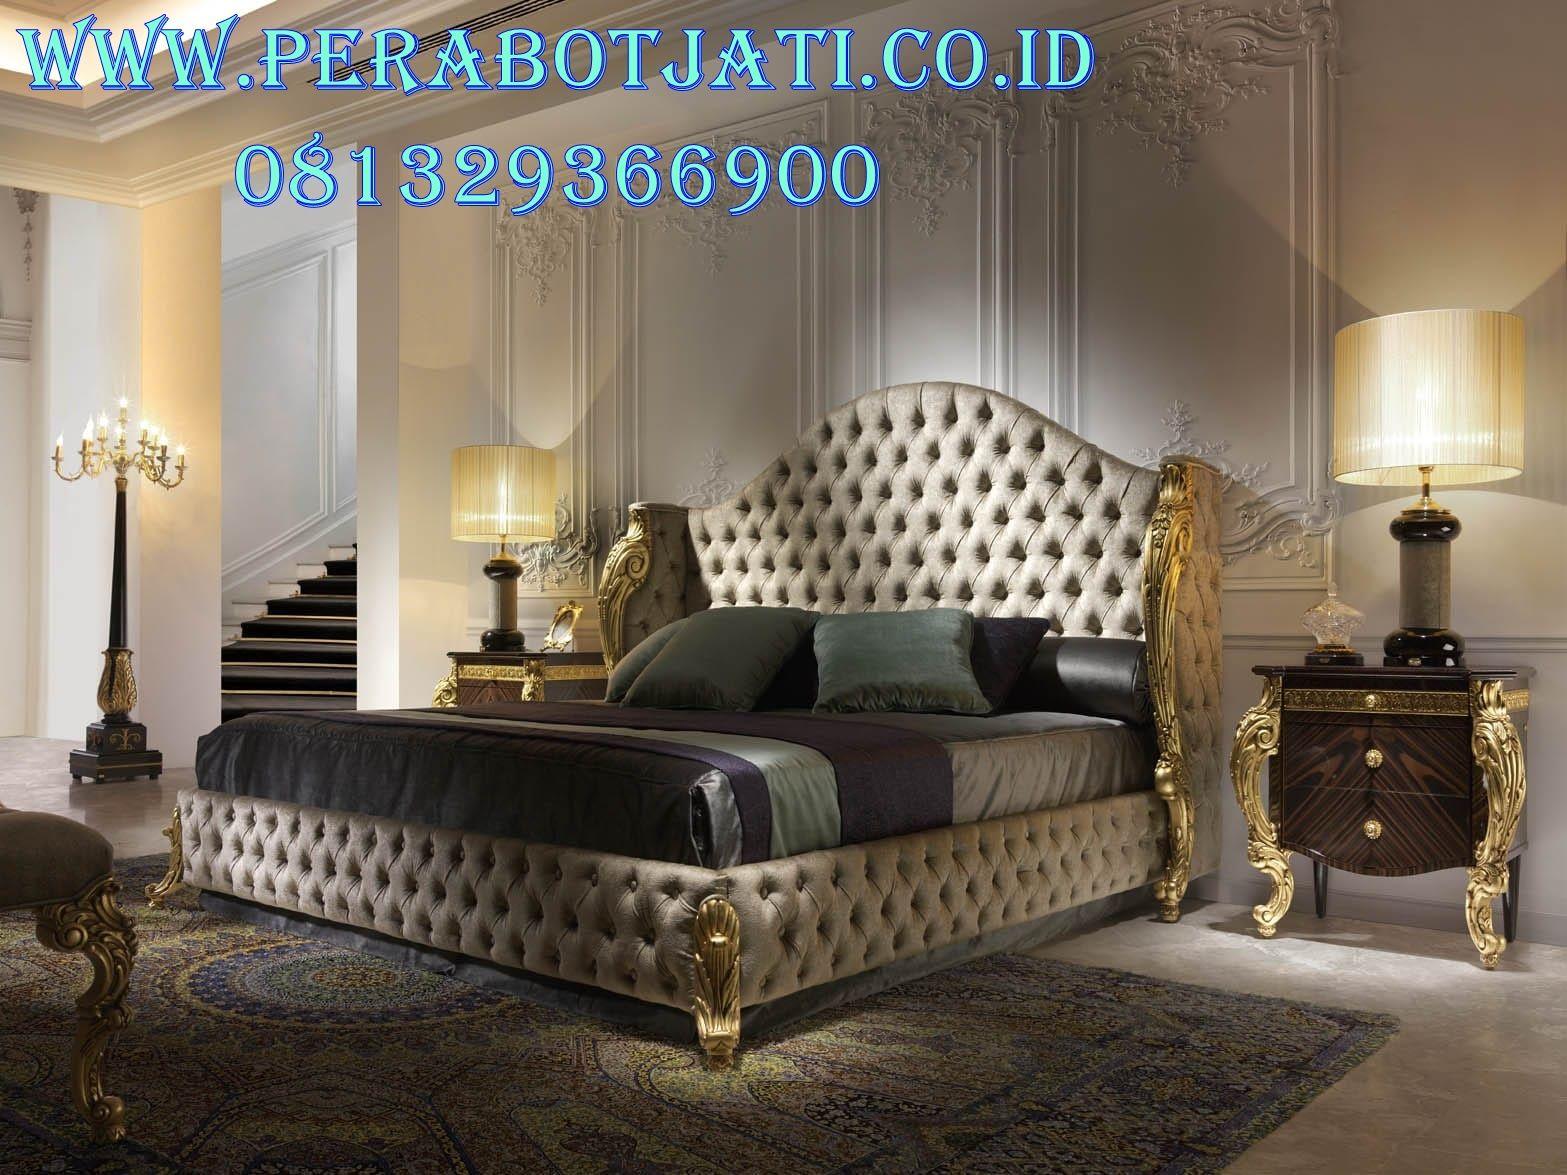 Desain Tempat Tidur Pengantin Untuk Kamar Klasik Romantis  Kamar